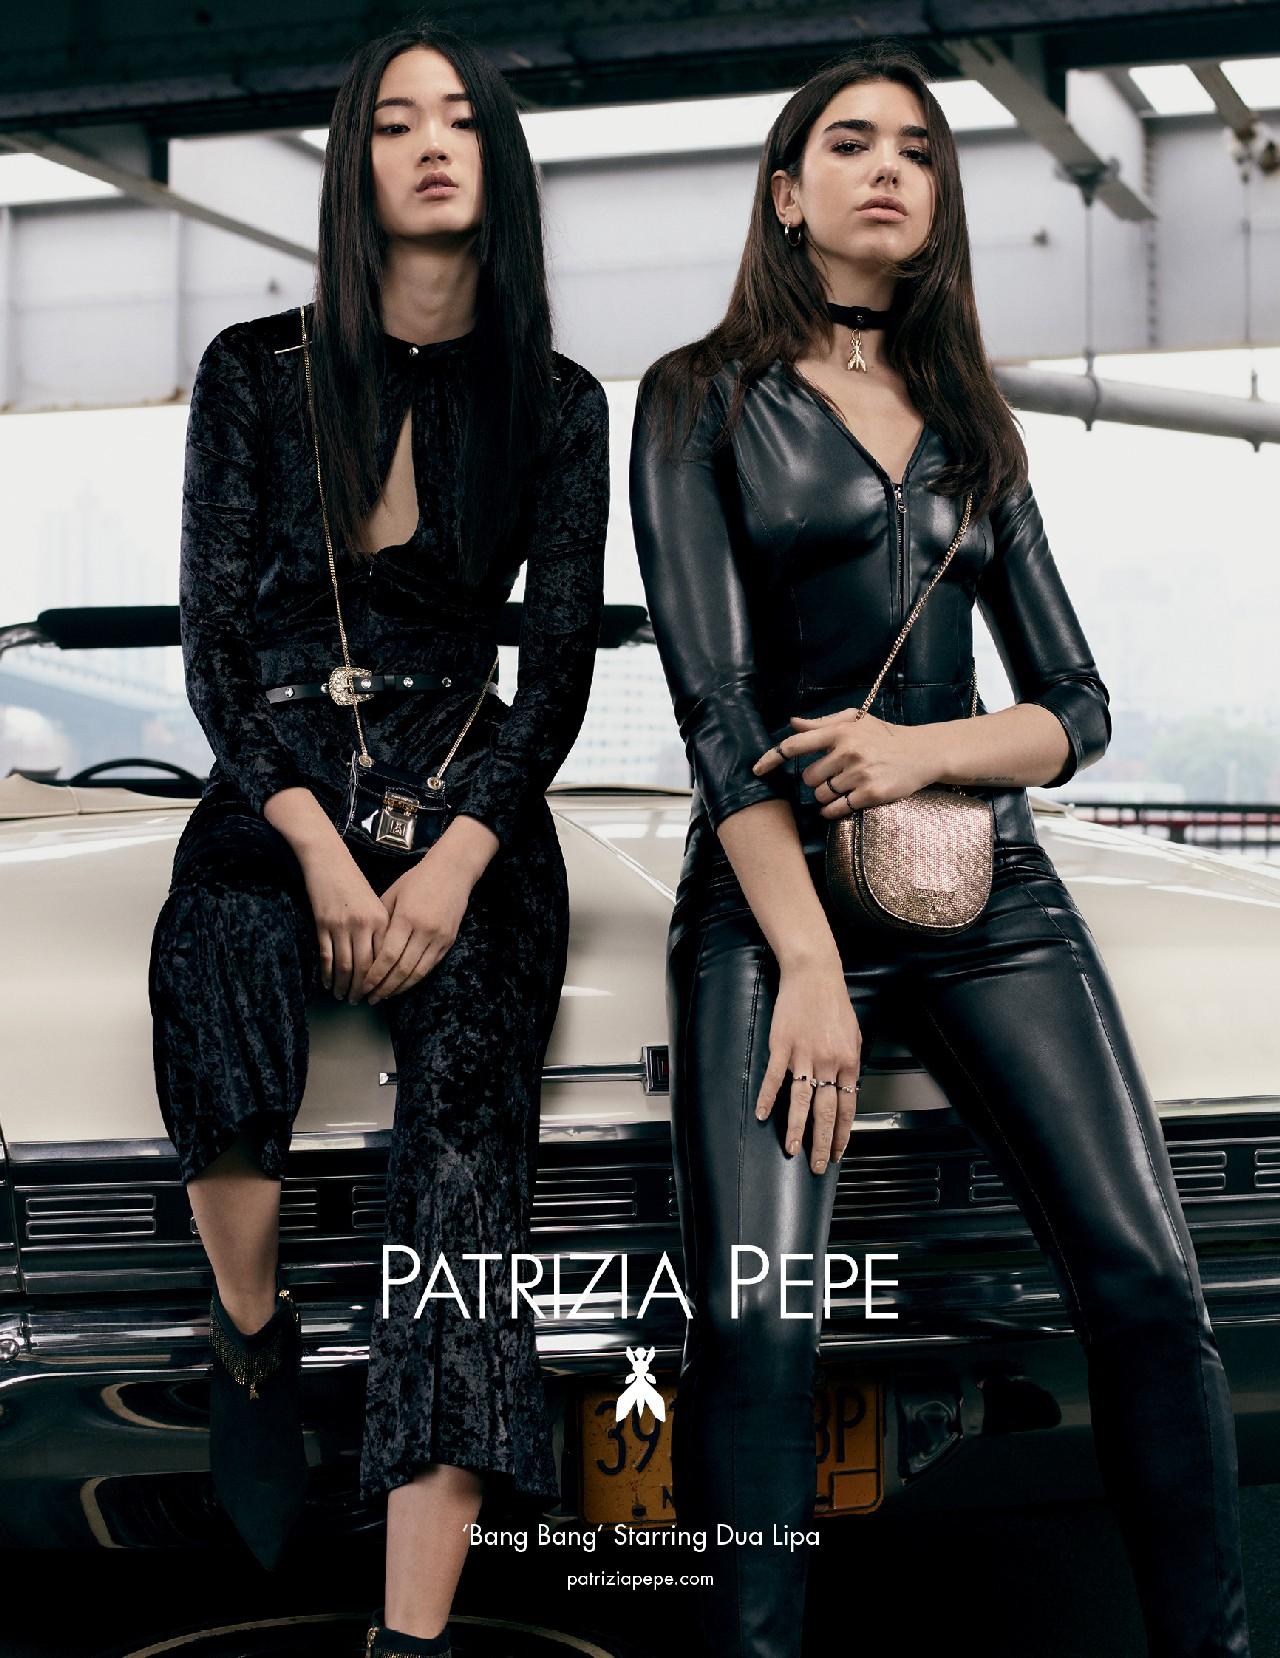 promo code b76f7 8c9d1 Patrizia Pepe: Bang Bang (Video 2017) - Photo Gallery - IMDb